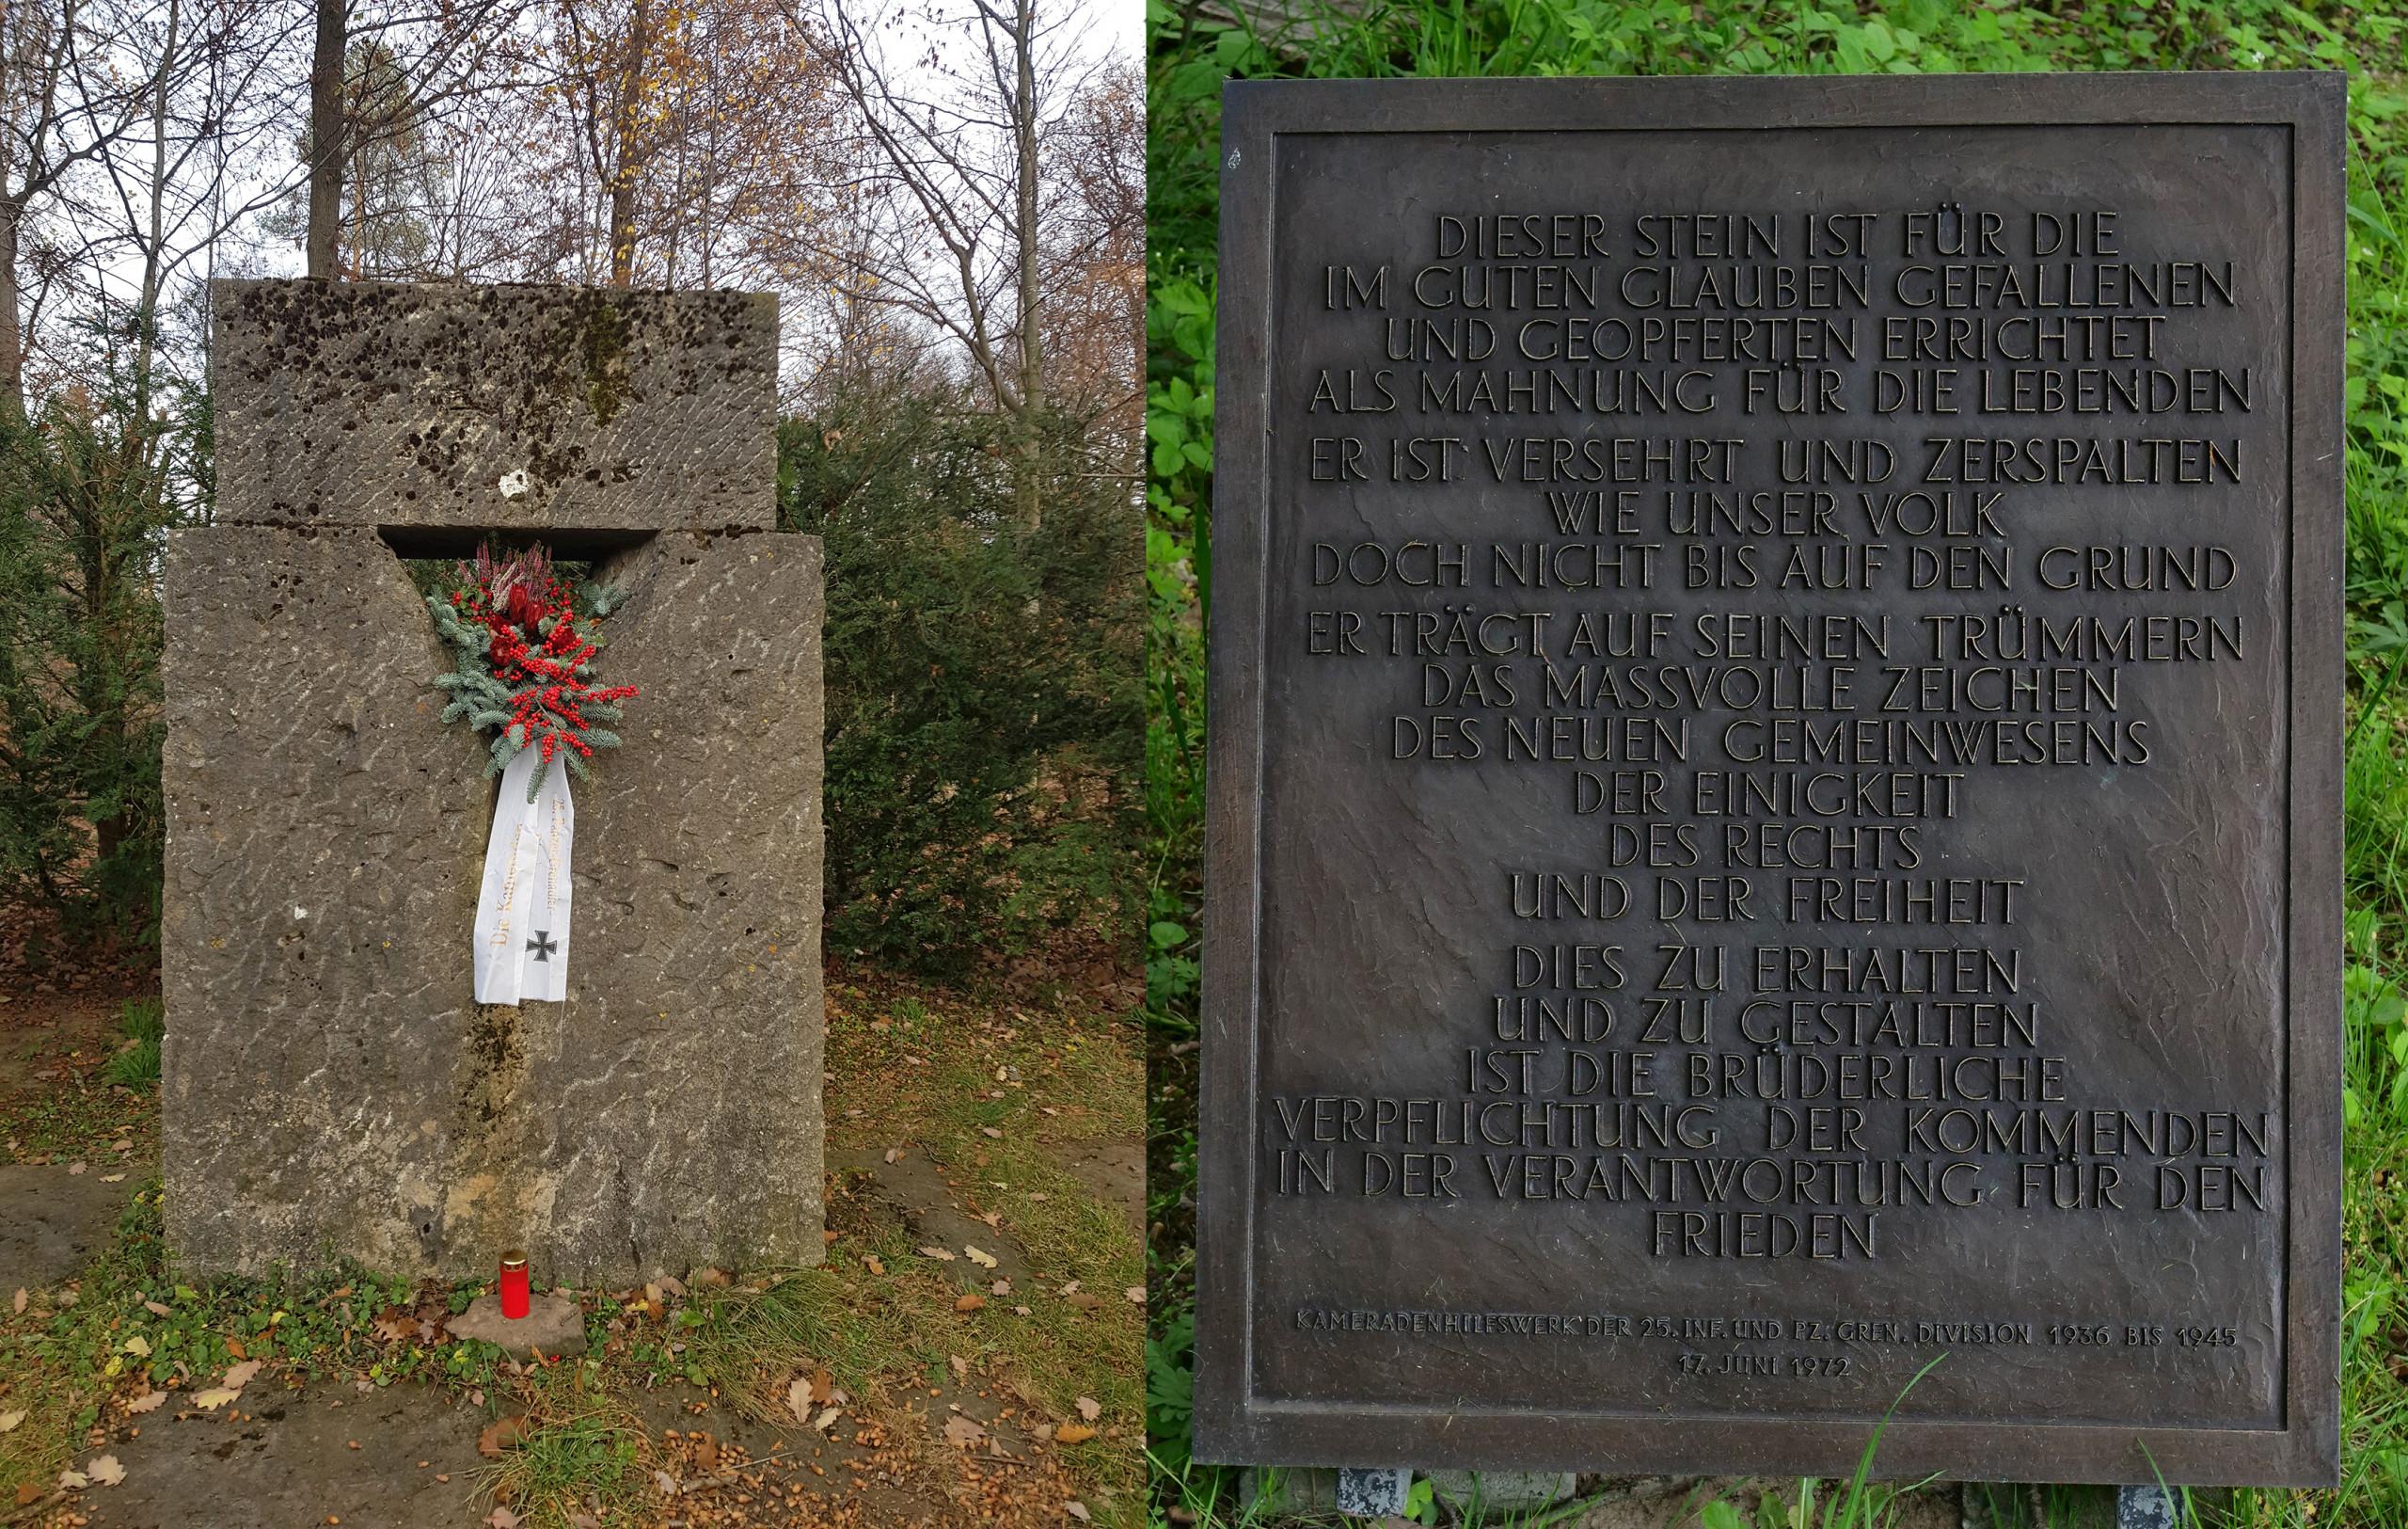 Kameraden-Gedenkstein an der Solitude. Commissioned by Kameradenhilfswerk (1972).  Featured here with a fresh wreath in Nov, 2020. Photos: Angela Anderson (2020)